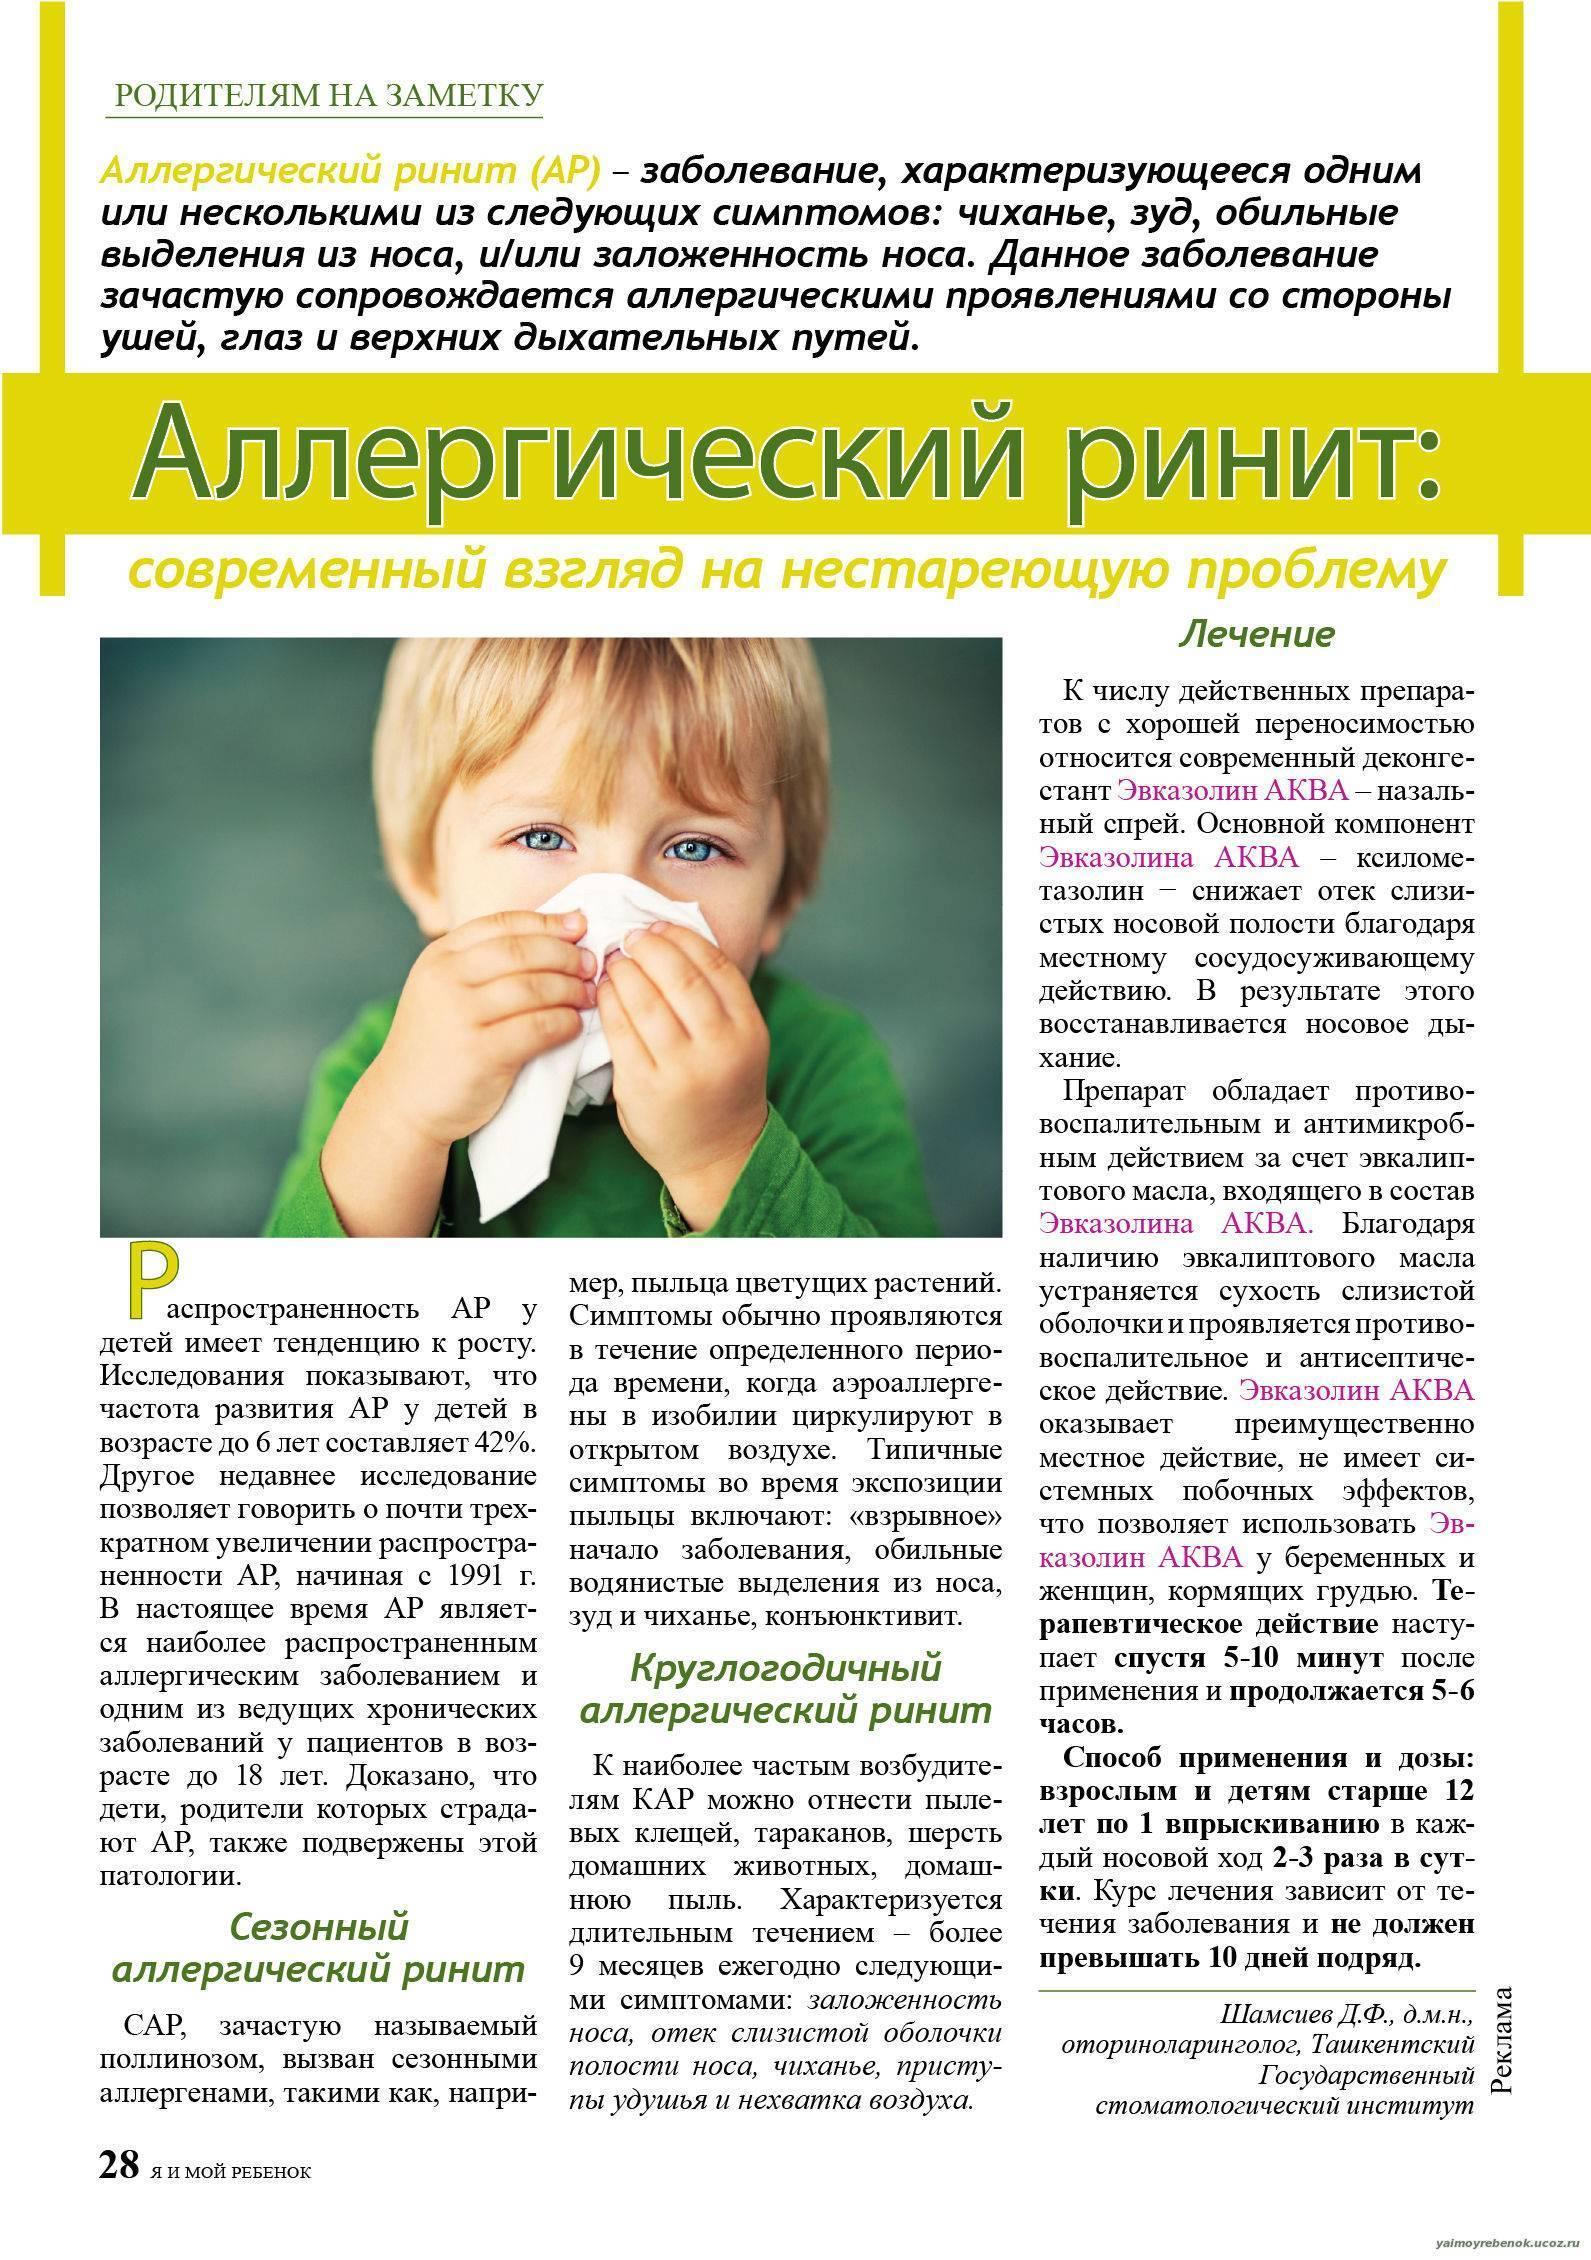 Ринит: симптомы, причины, диагностика, лечение и профилактика